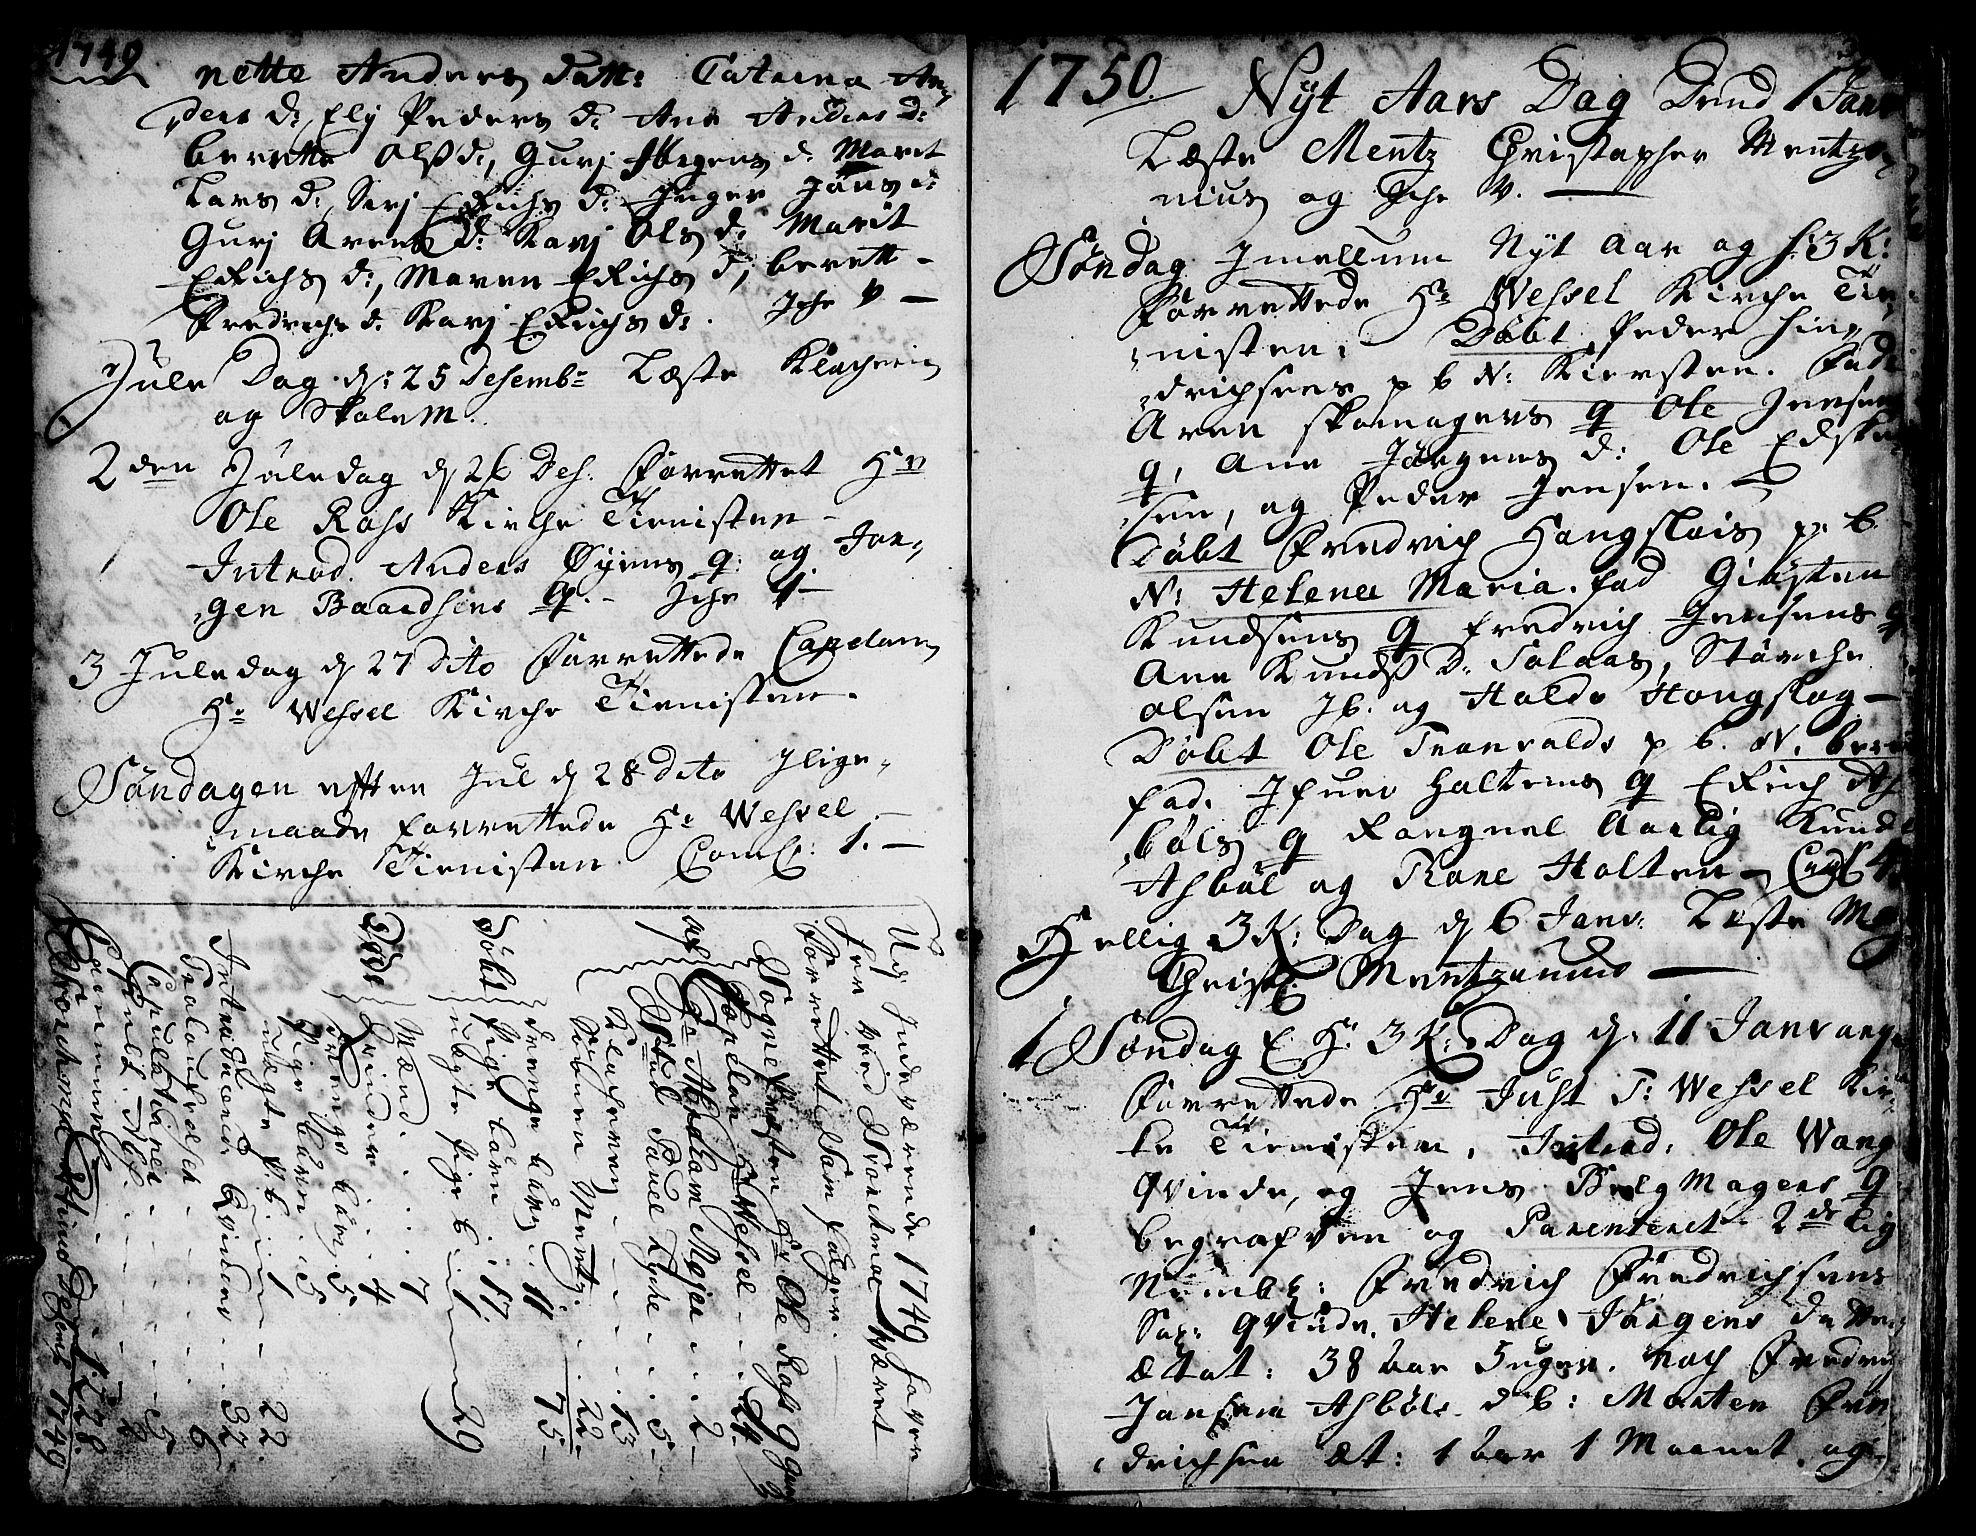 SAT, Ministerialprotokoller, klokkerbøker og fødselsregistre - Sør-Trøndelag, 671/L0839: Ministerialbok nr. 671A01, 1730-1755, s. 389-390